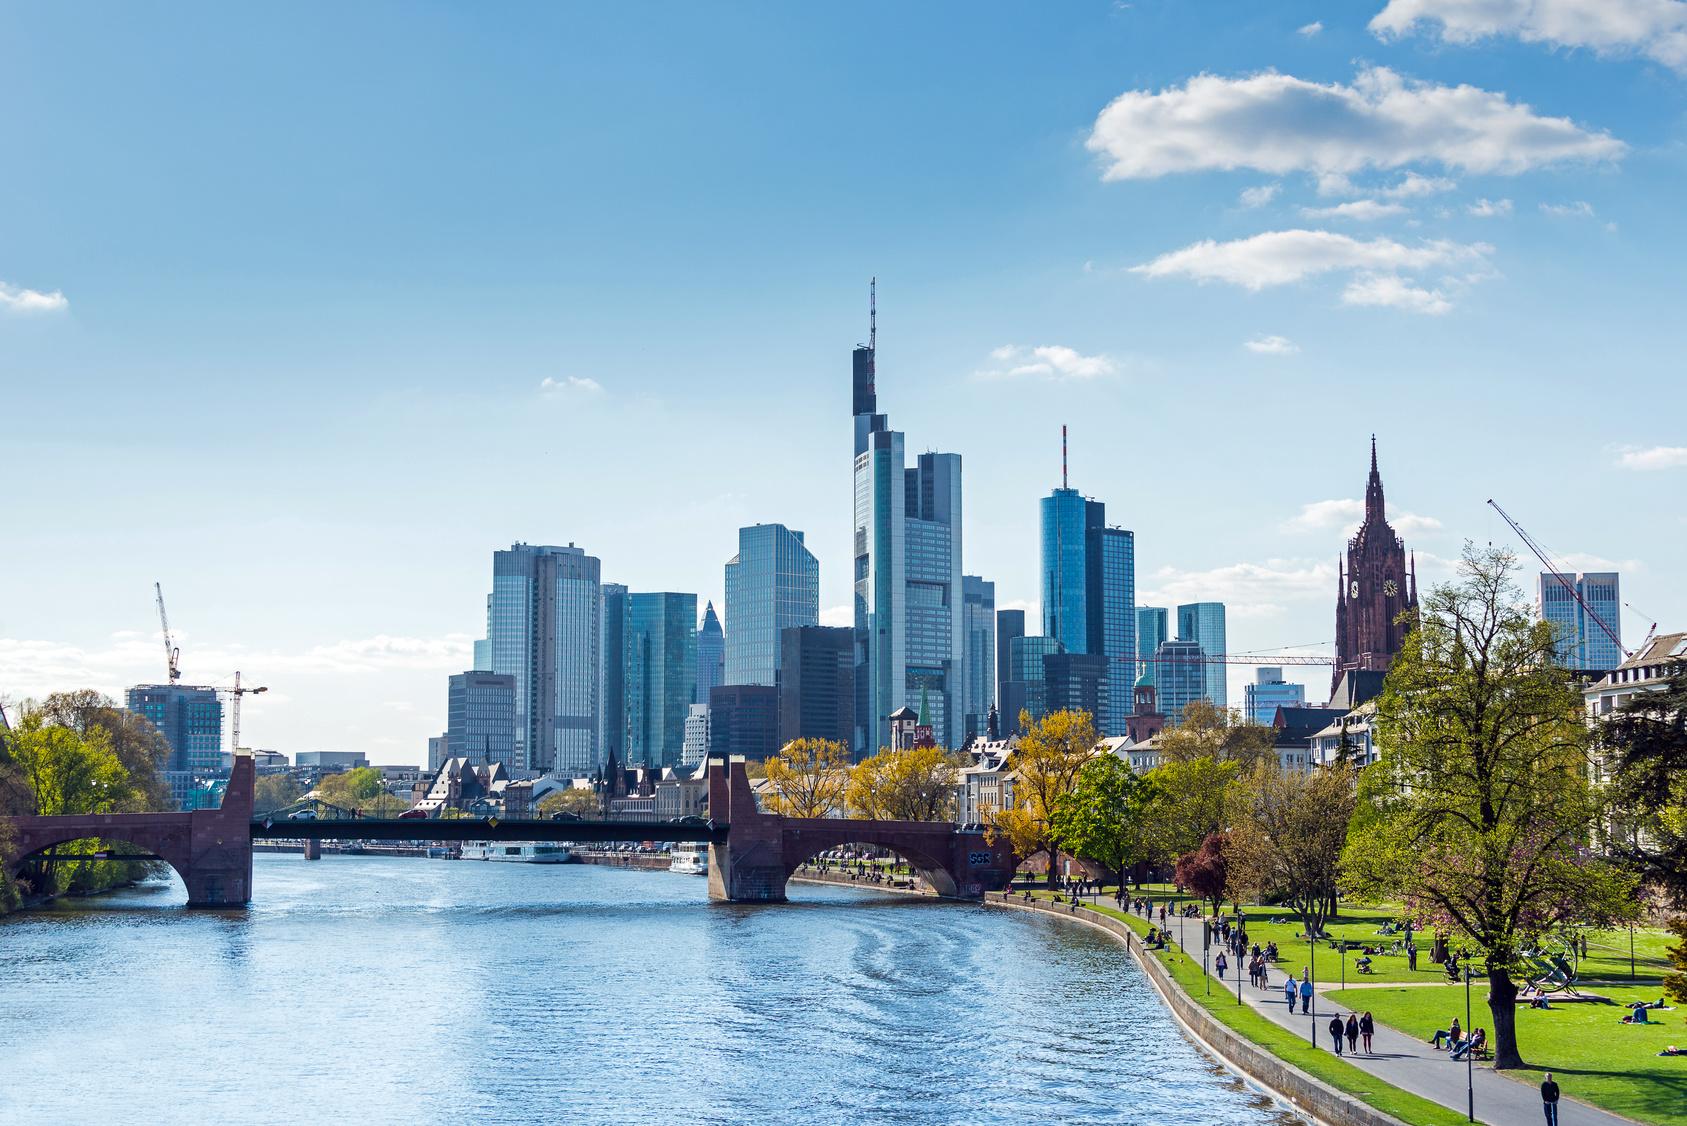 Frankfurt BG